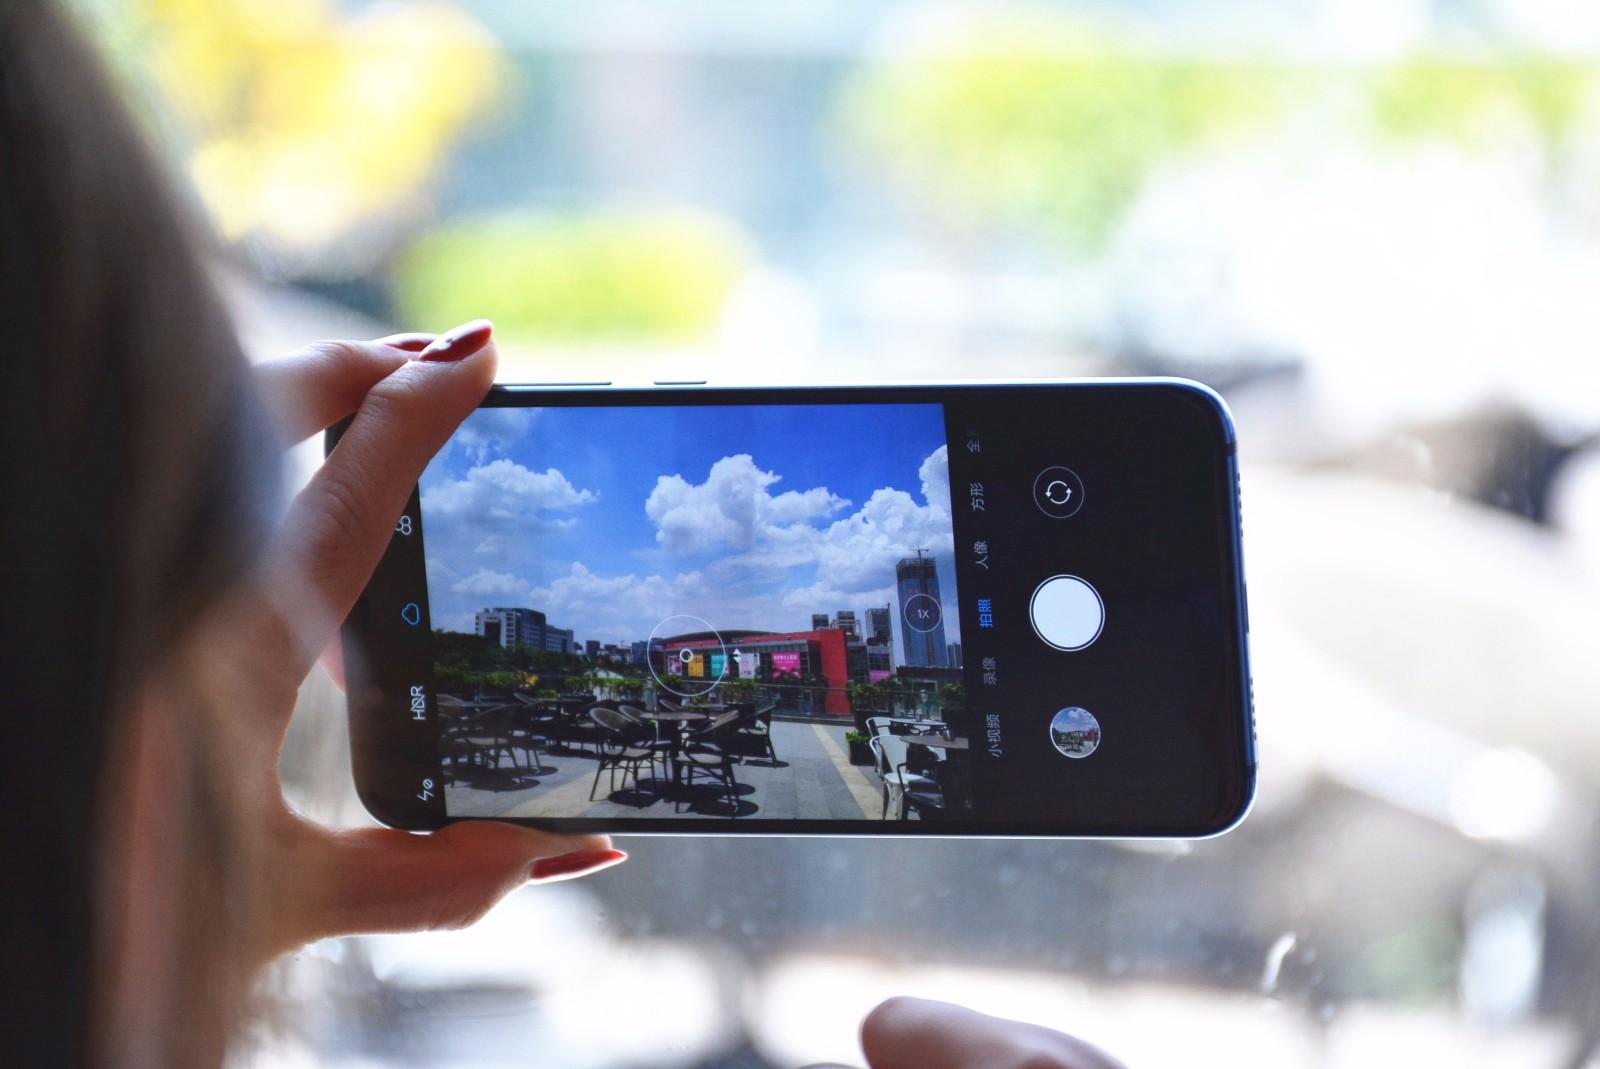 为何手机拍照比相机还好看!看这三个技术亮点就知道了